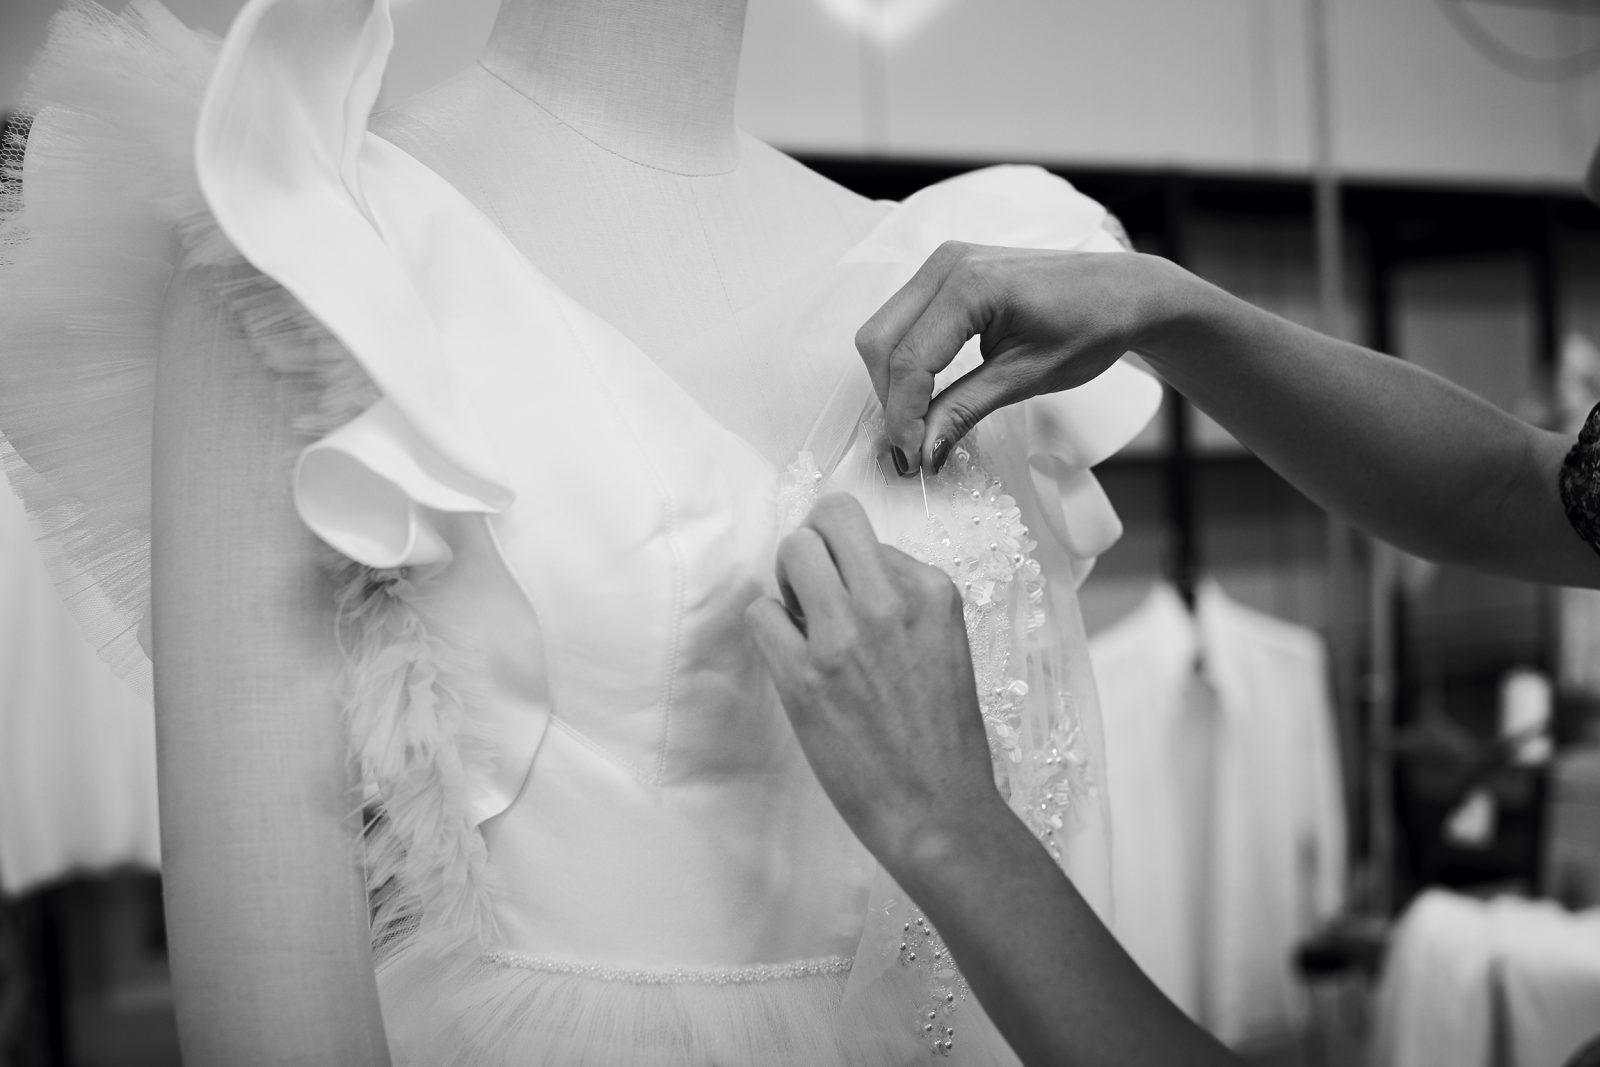 In questa foto le mani di una sarta al lavoro sulla scollatura di un abito da sposa Carlo Pignatelli: sono il simbolo perfetto di #FattoinItalia